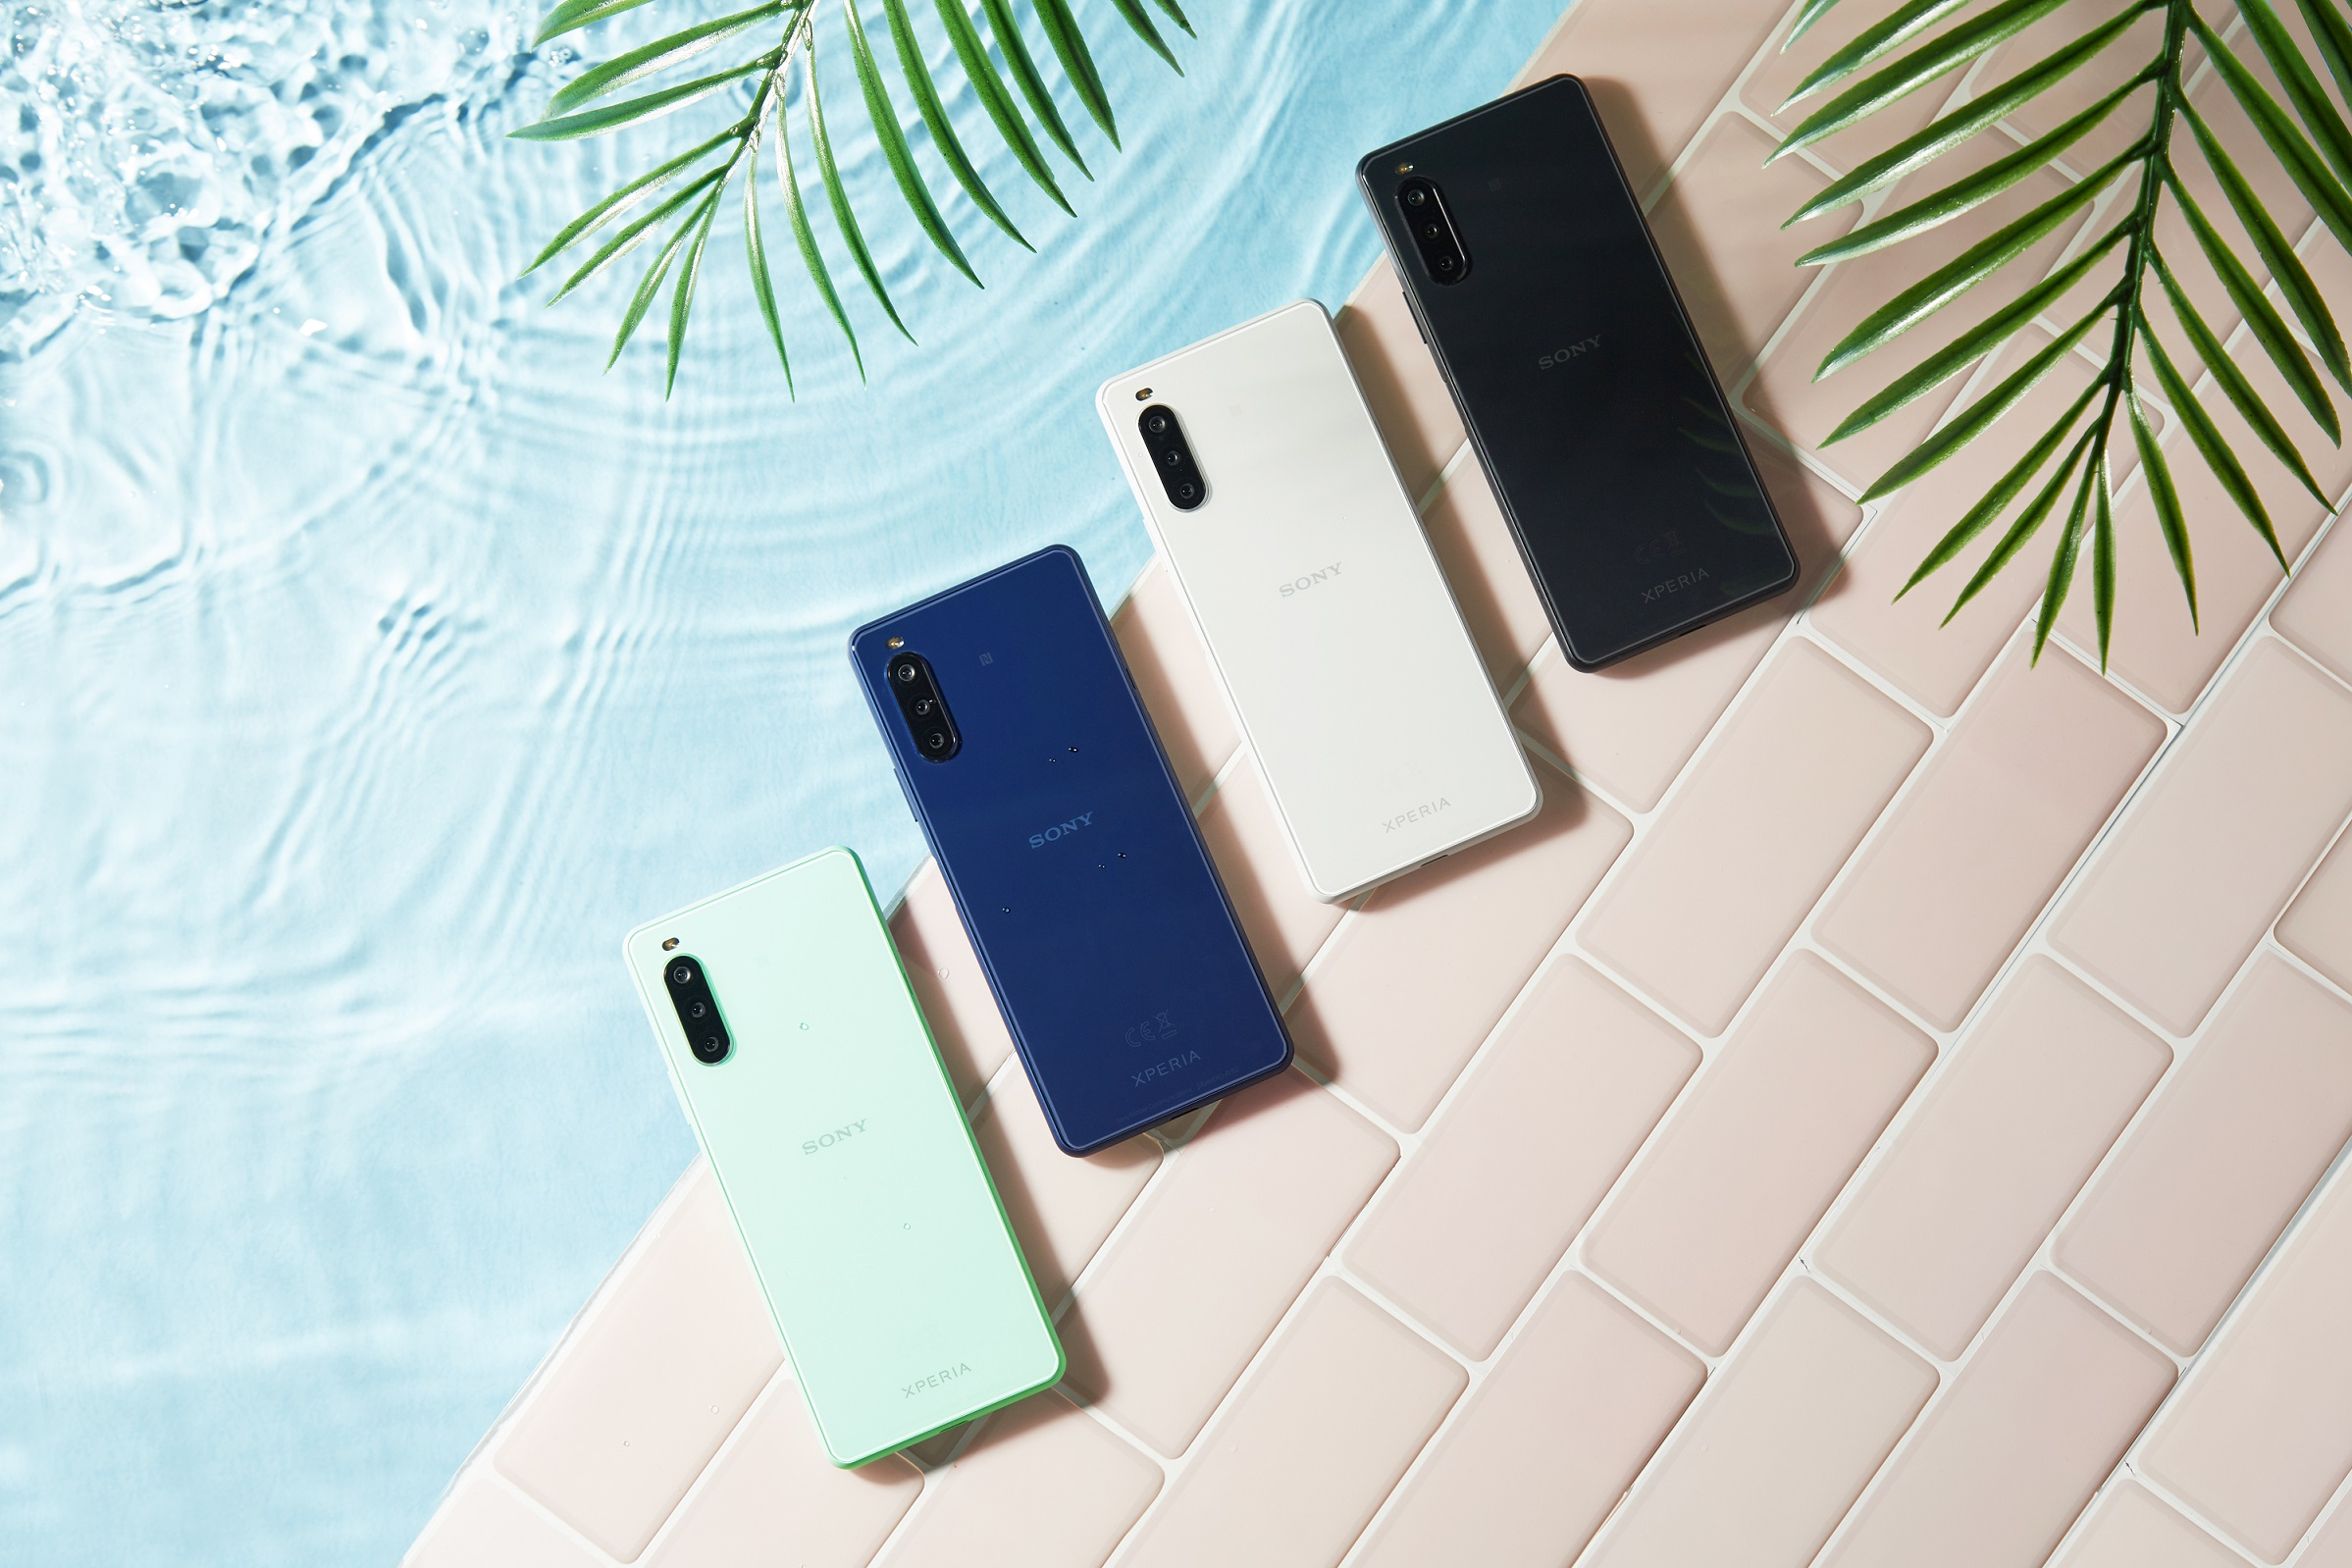 Xperia 10 II日系美型,萬元防水超搶手!銷售表現持續亮眼